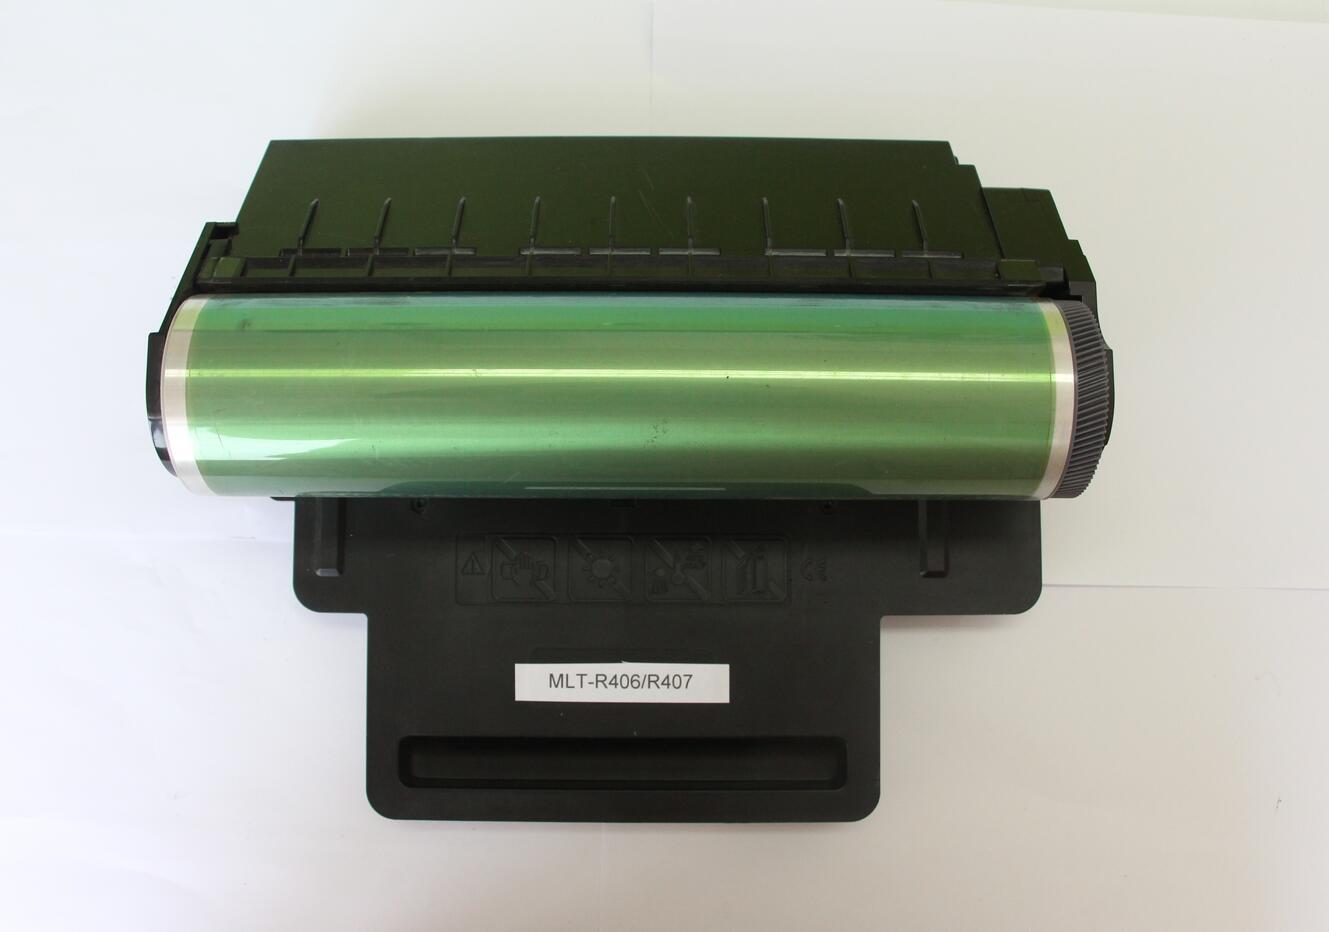 CLT-R406 Toner Cartridge Drum Imaging Unit for Samsung CLP-365W, CLX-3305FW